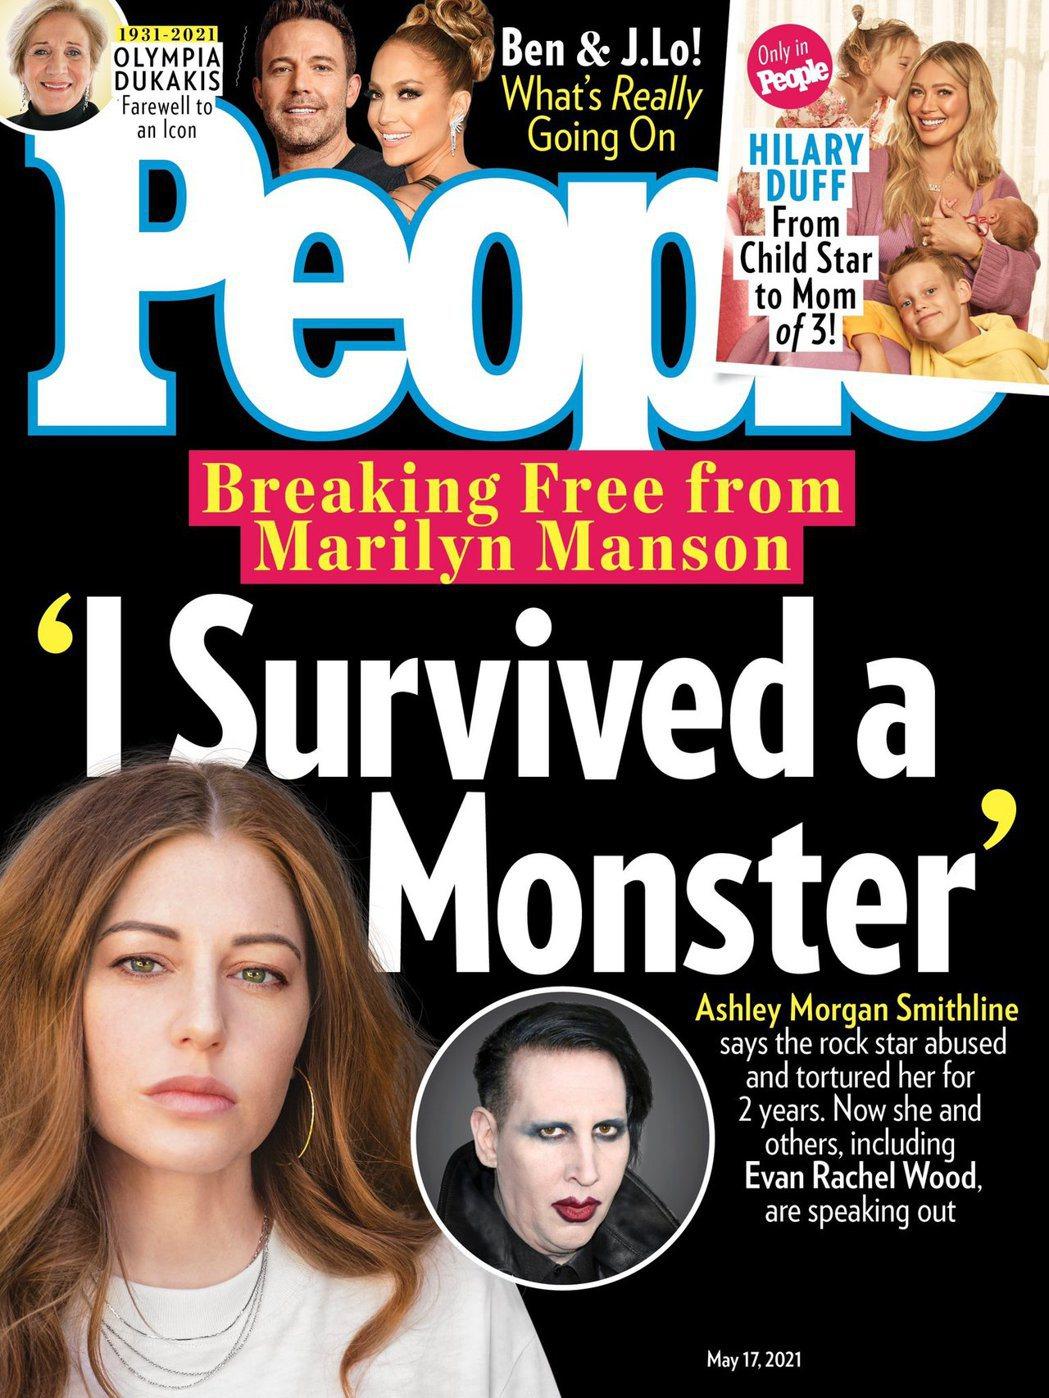 美媒「時人」最新一期專訪瑪莉蓮曼森舊愛艾希莉摩根,對方控訴他在交往期間不斷施以虐...